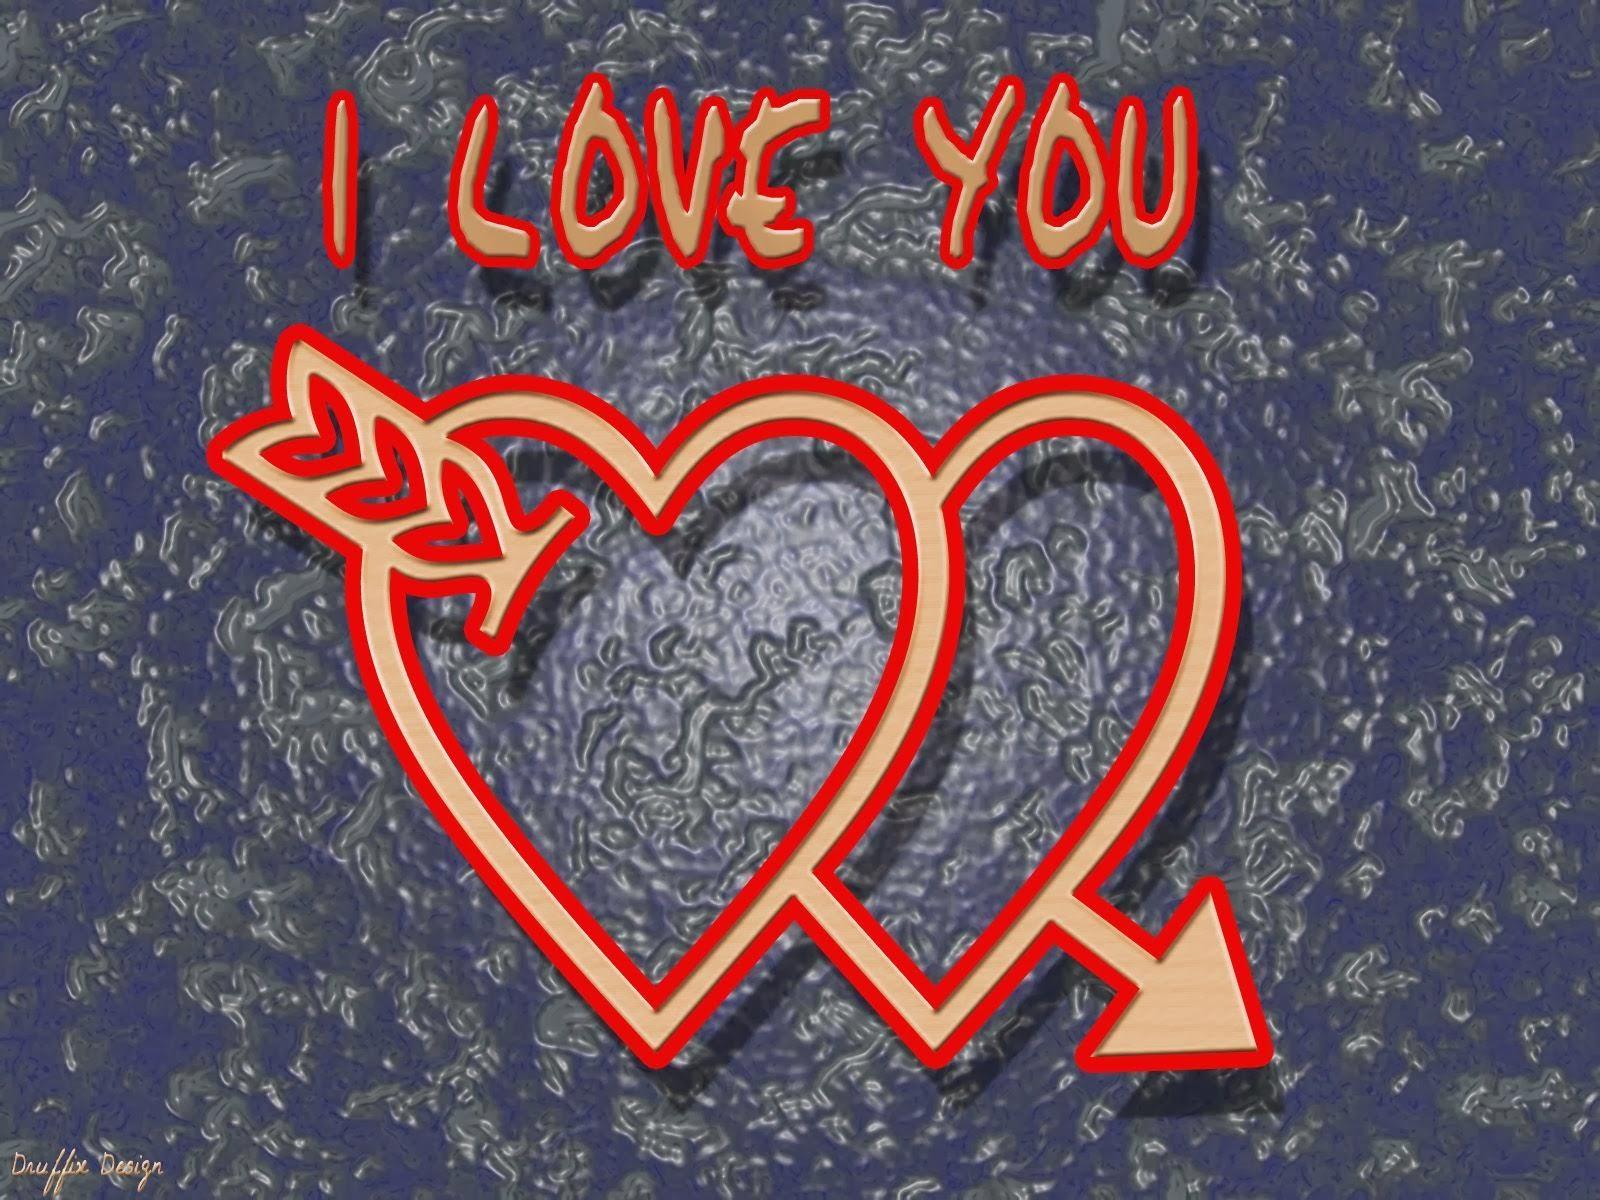 Kaligrafi i love you